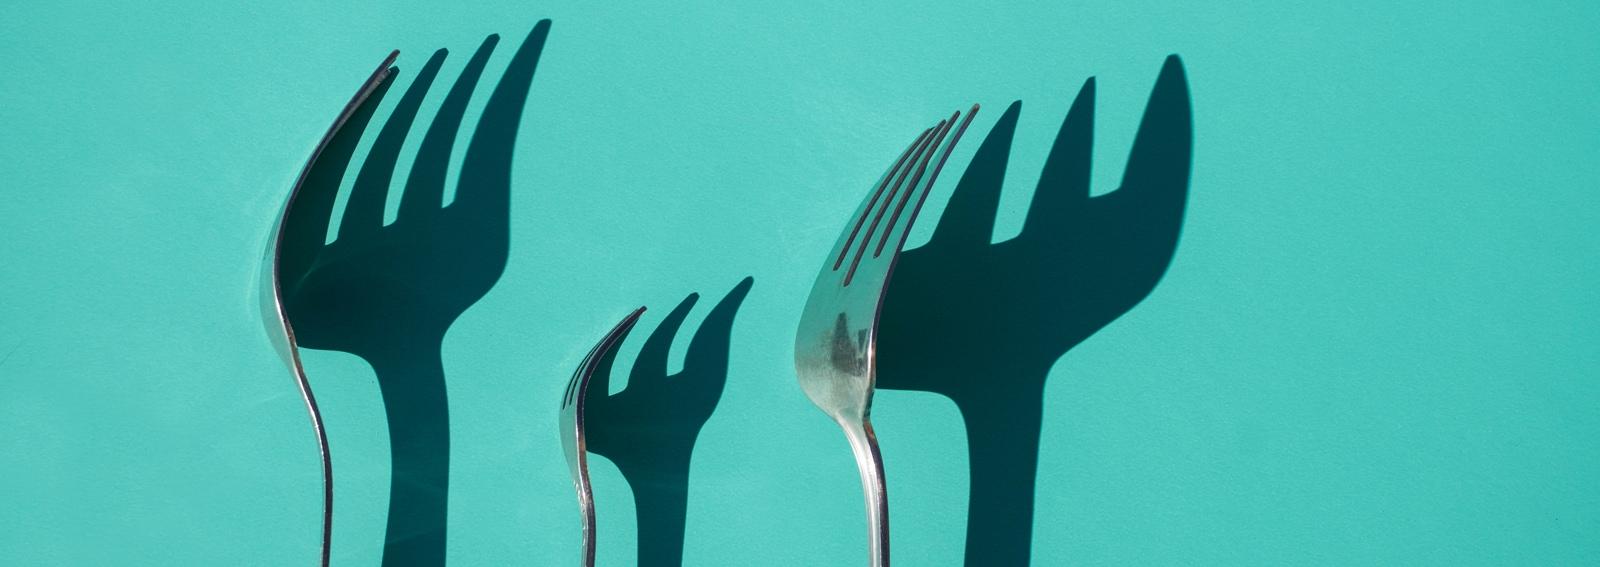 desk-dieta-quarantenaDESK